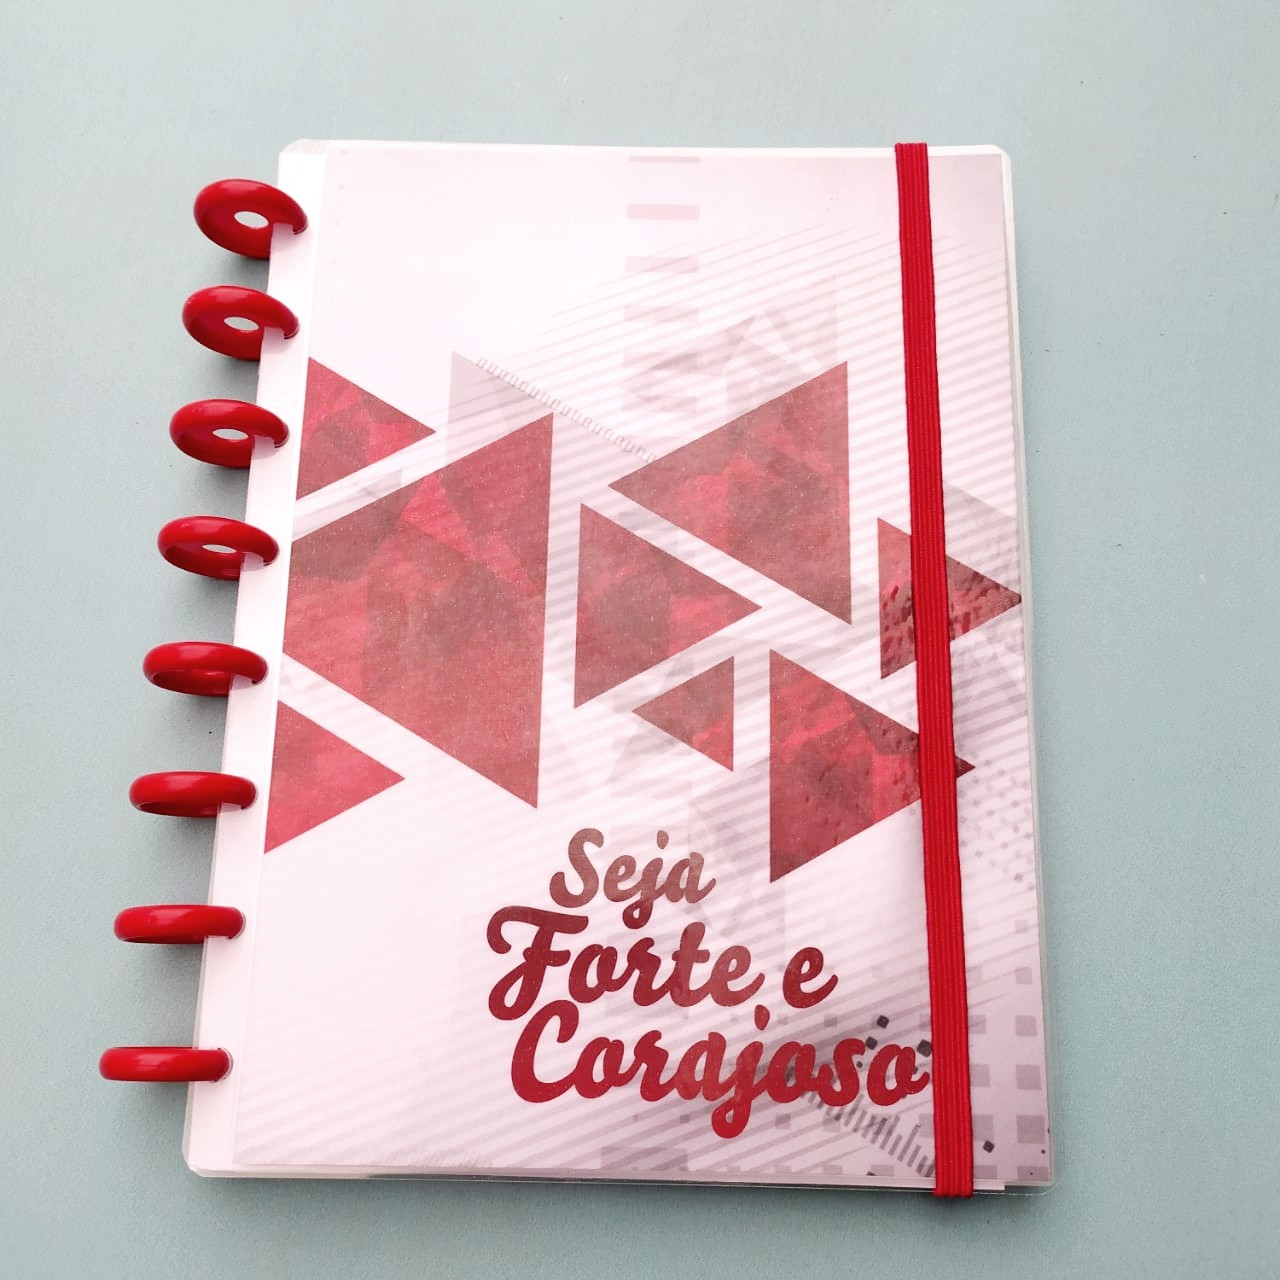 Capa de Caderno de Disco em Polaseal  -  Seja Forte e Corajoso - 06